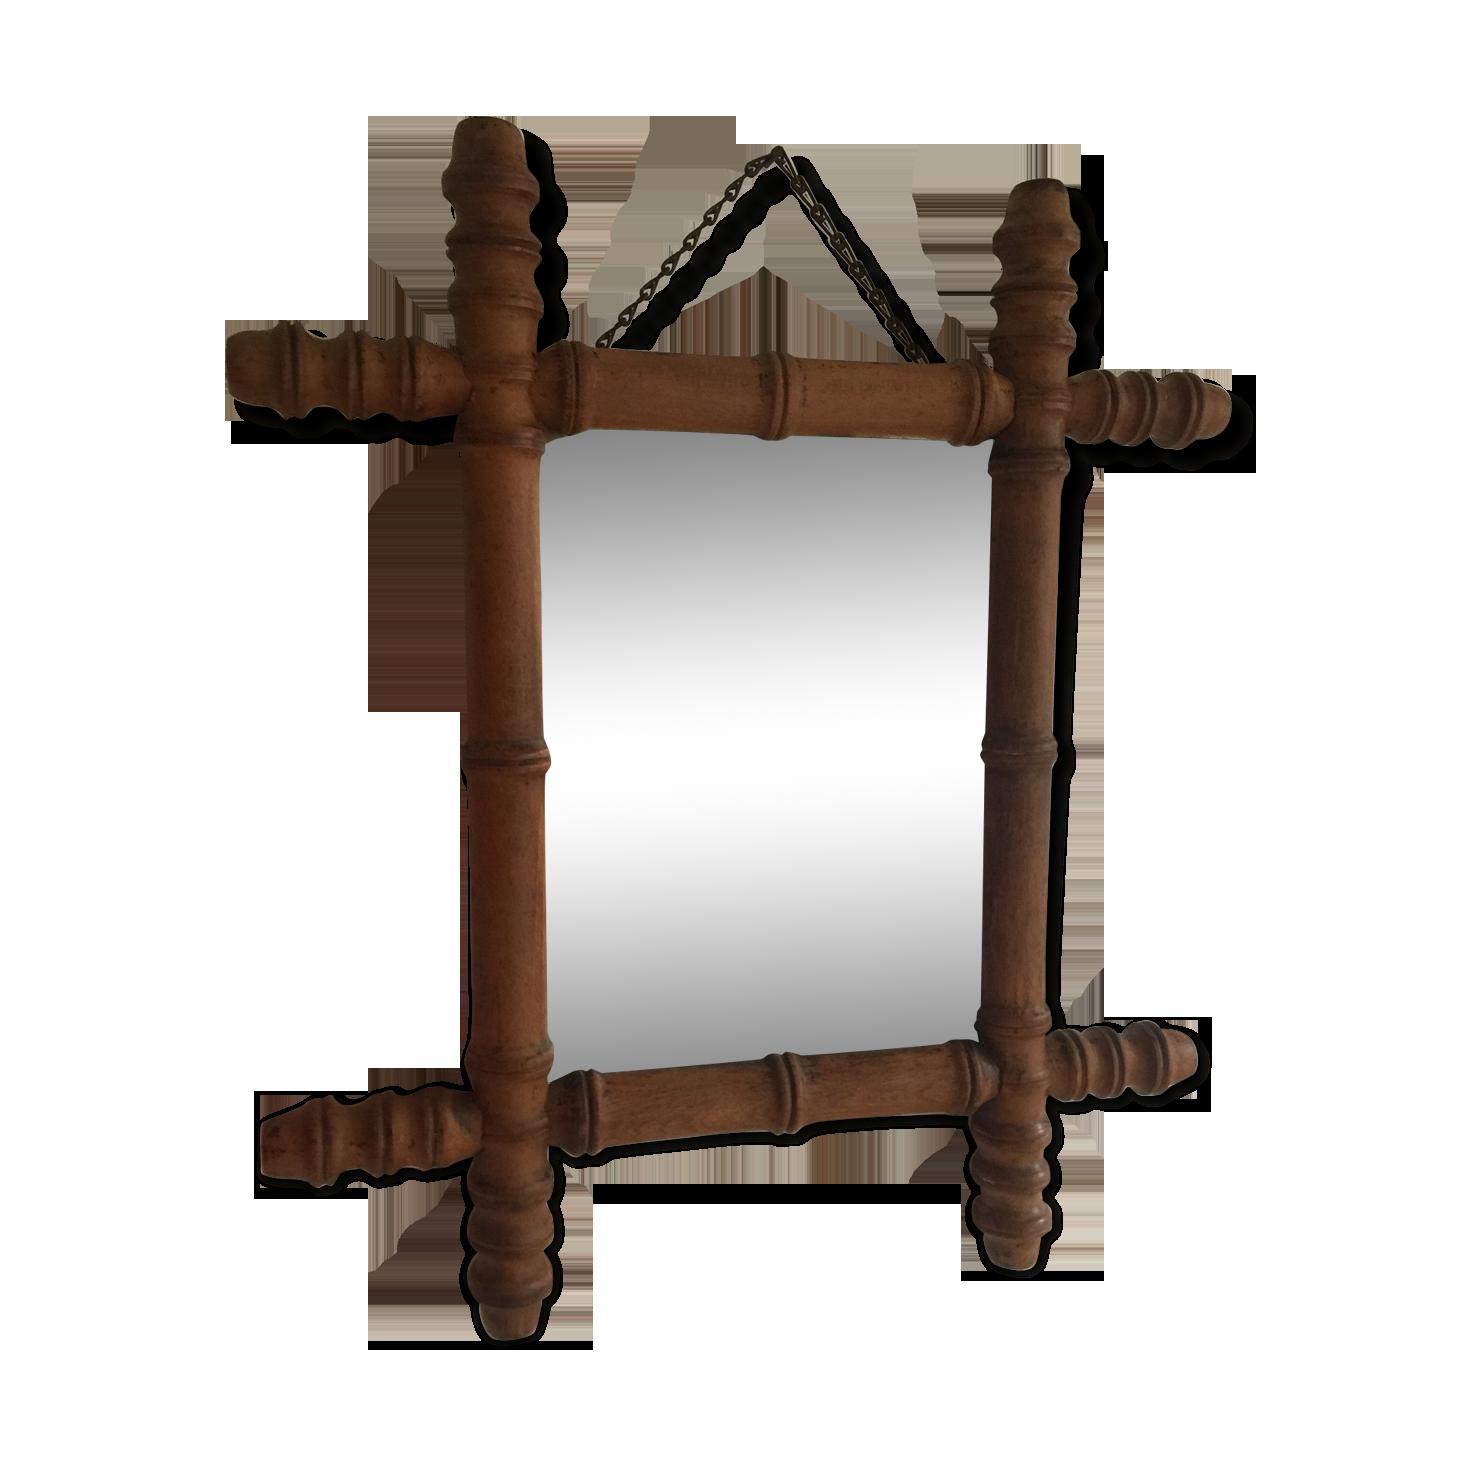 Miroir mural miroir ancien baroque FACETTES Taille XL Miroir encadrement en bois